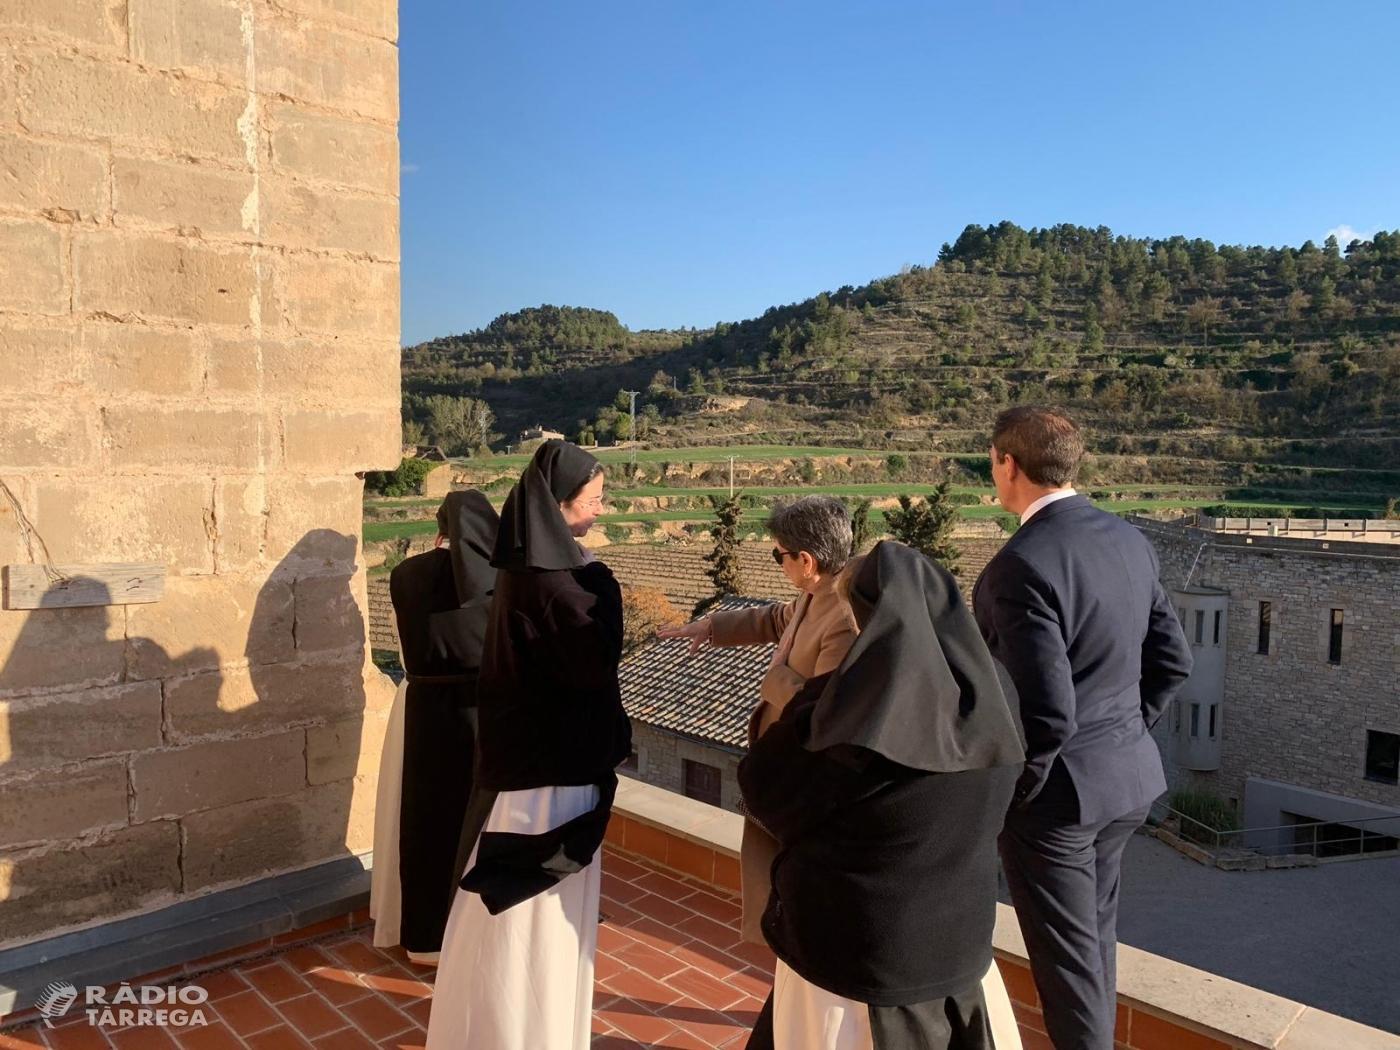 La delegada del Govern i el subdelegat a Lleida visiten el monestir de Vallbona de les Monges